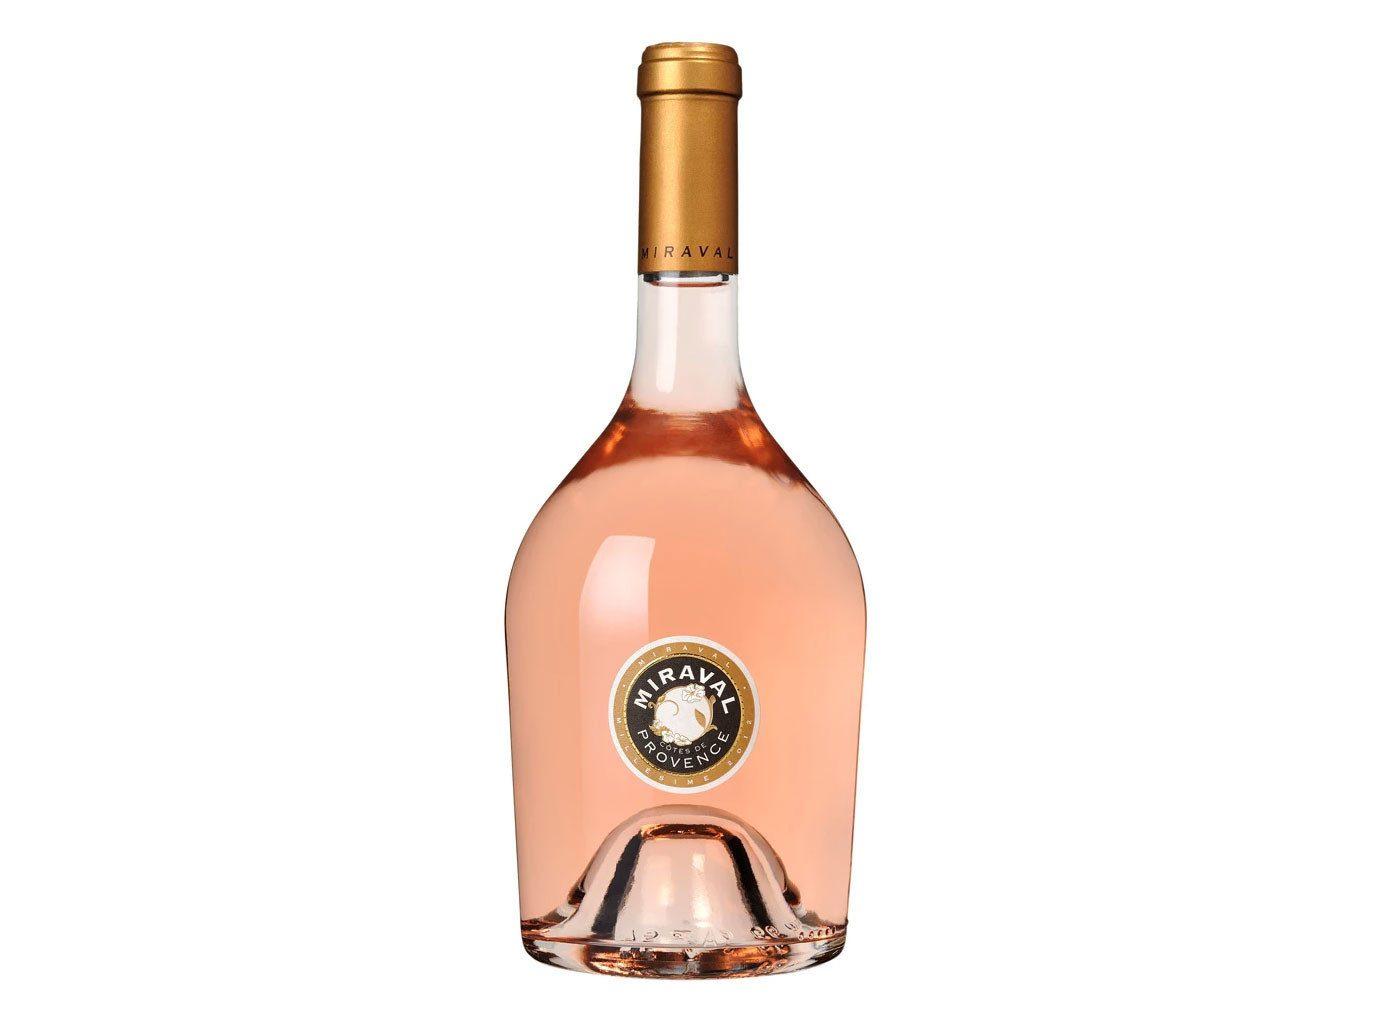 Gift Guides Travel Shop Drink alcoholic beverage liqueur food alcohol beverage distilled beverage wine product bottle champagne